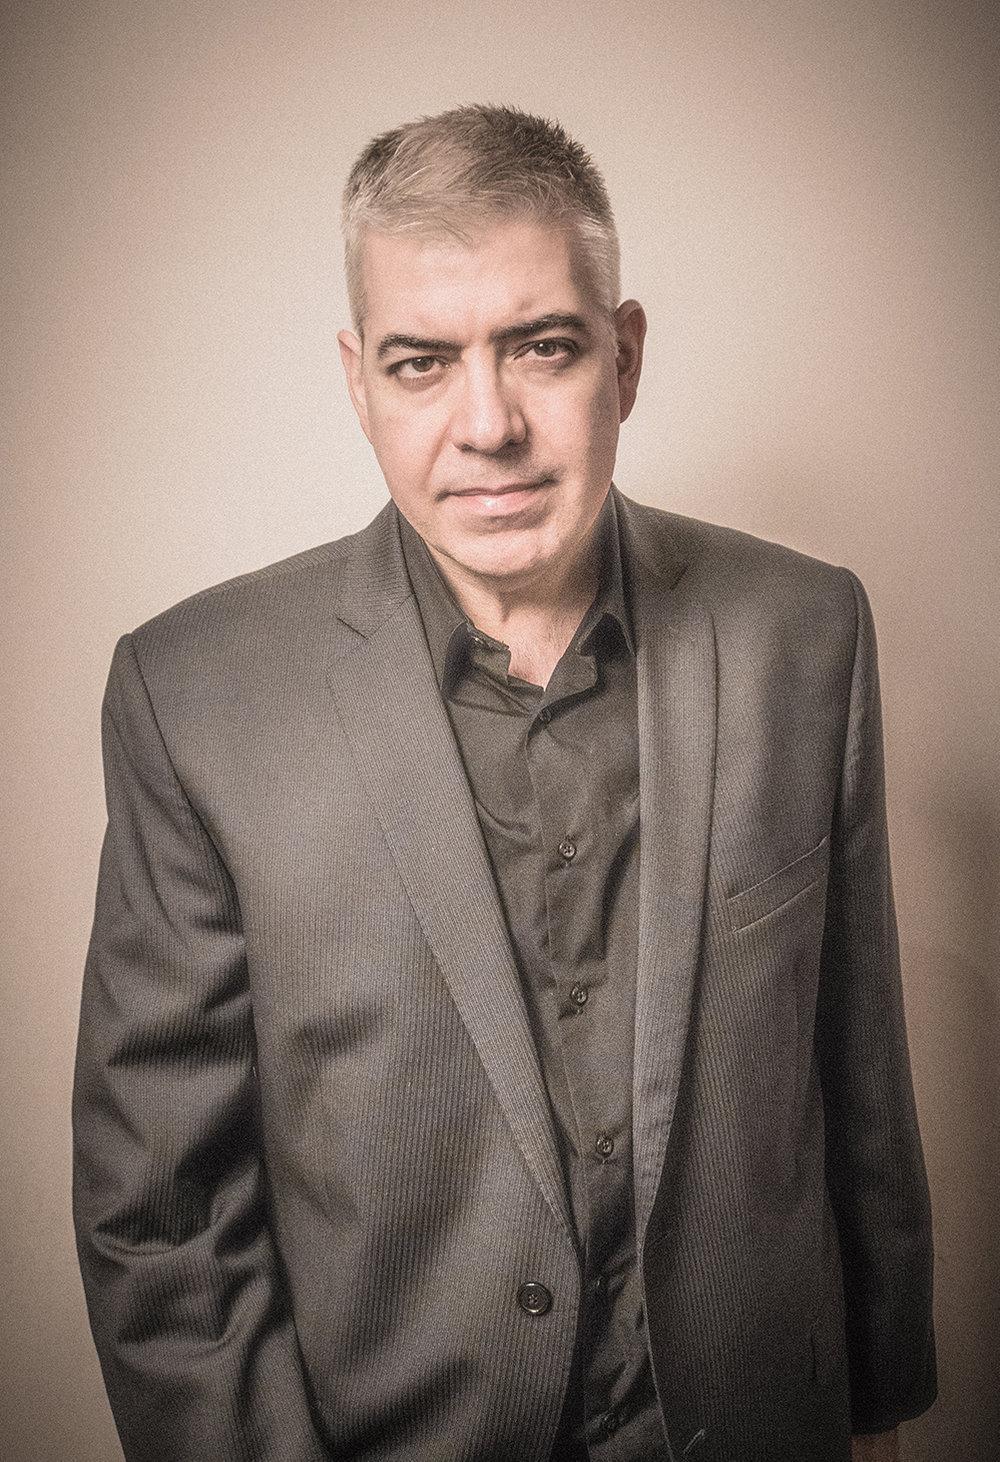 Jeff Stoltzfus - UAS Pilot, Filmmaker